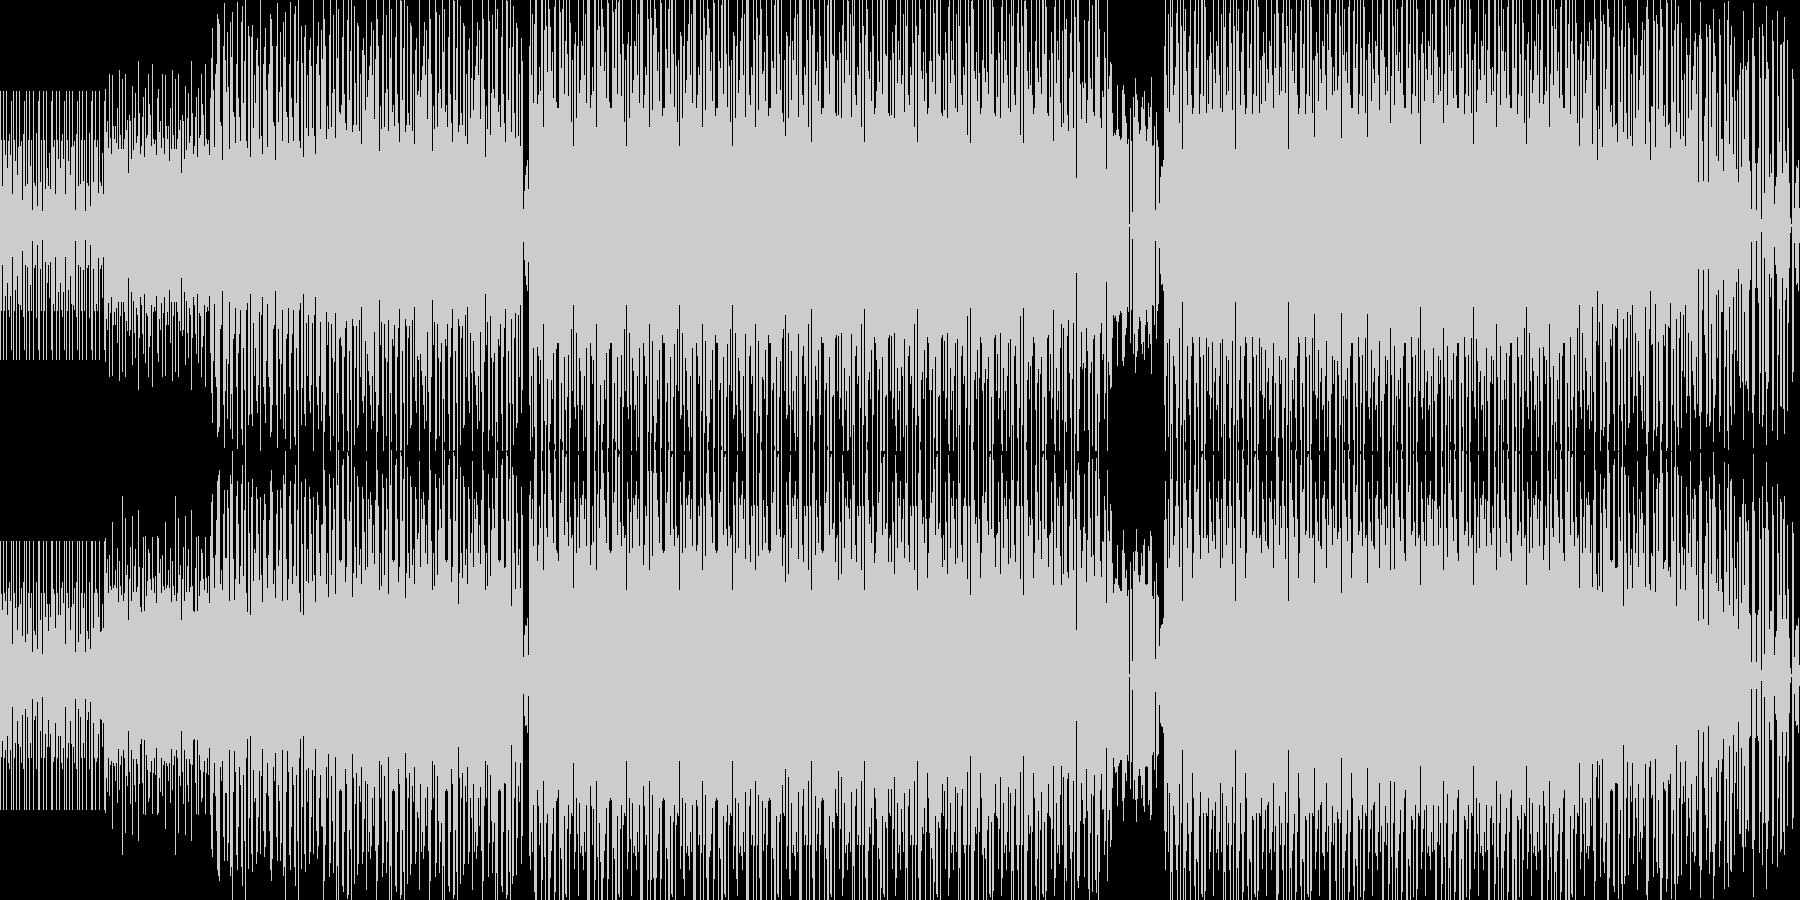 ニューレイブBGM(NuRave)の未再生の波形